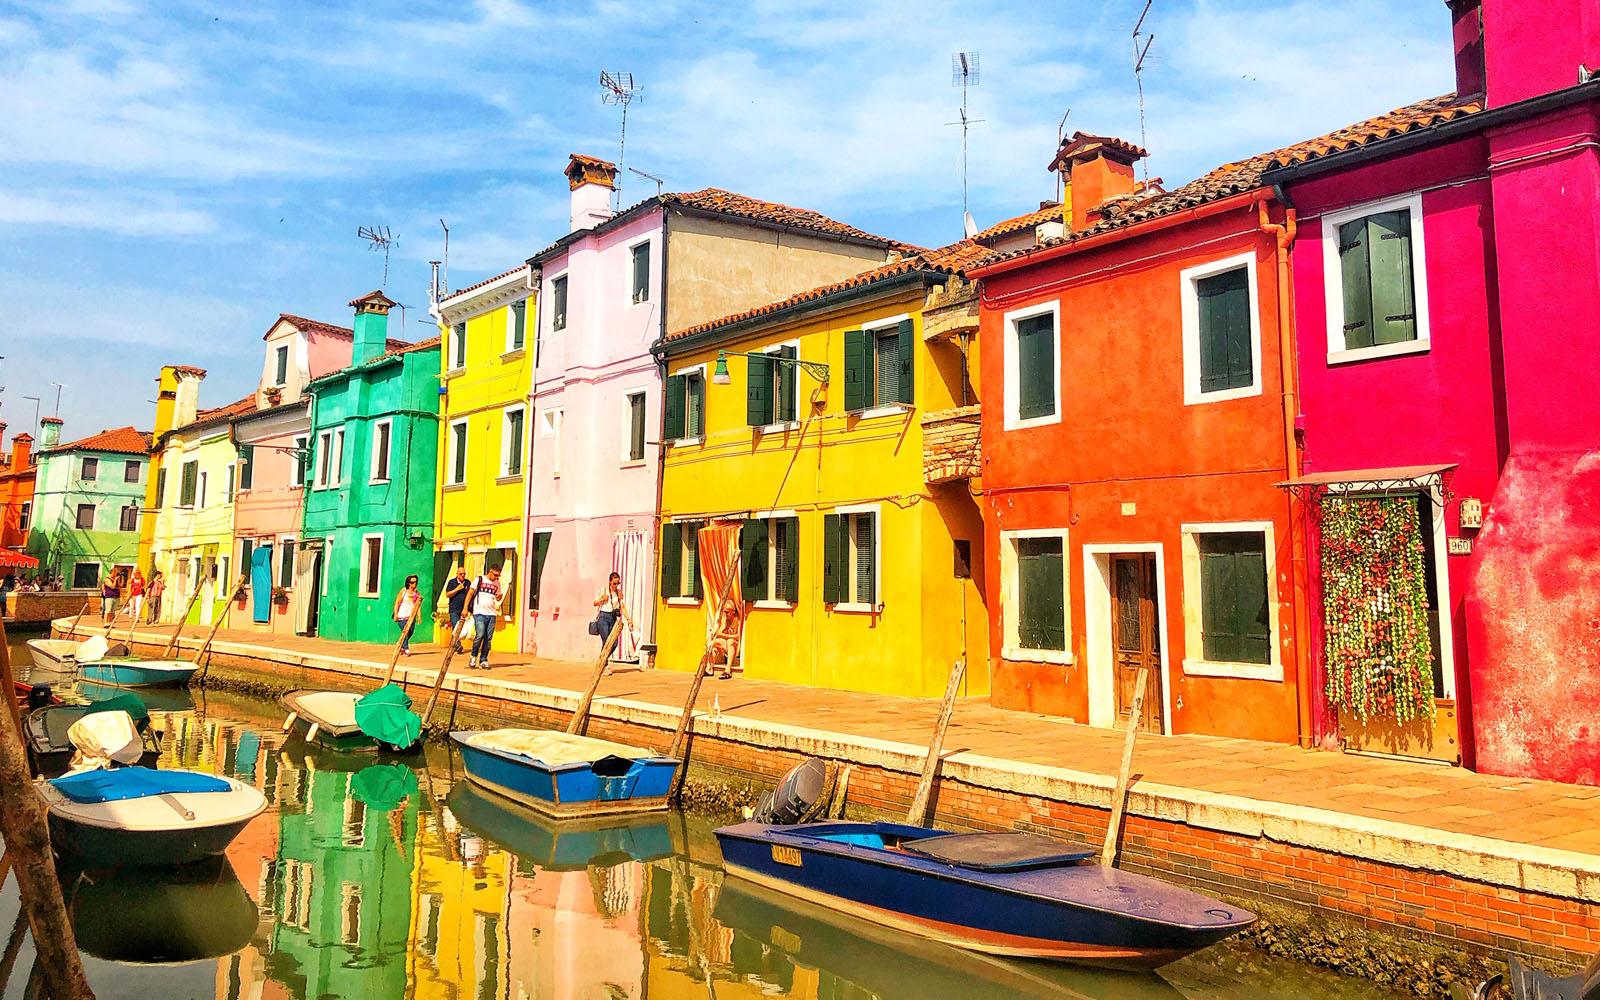 L'arcobaleno di casette variopinte di Burano.